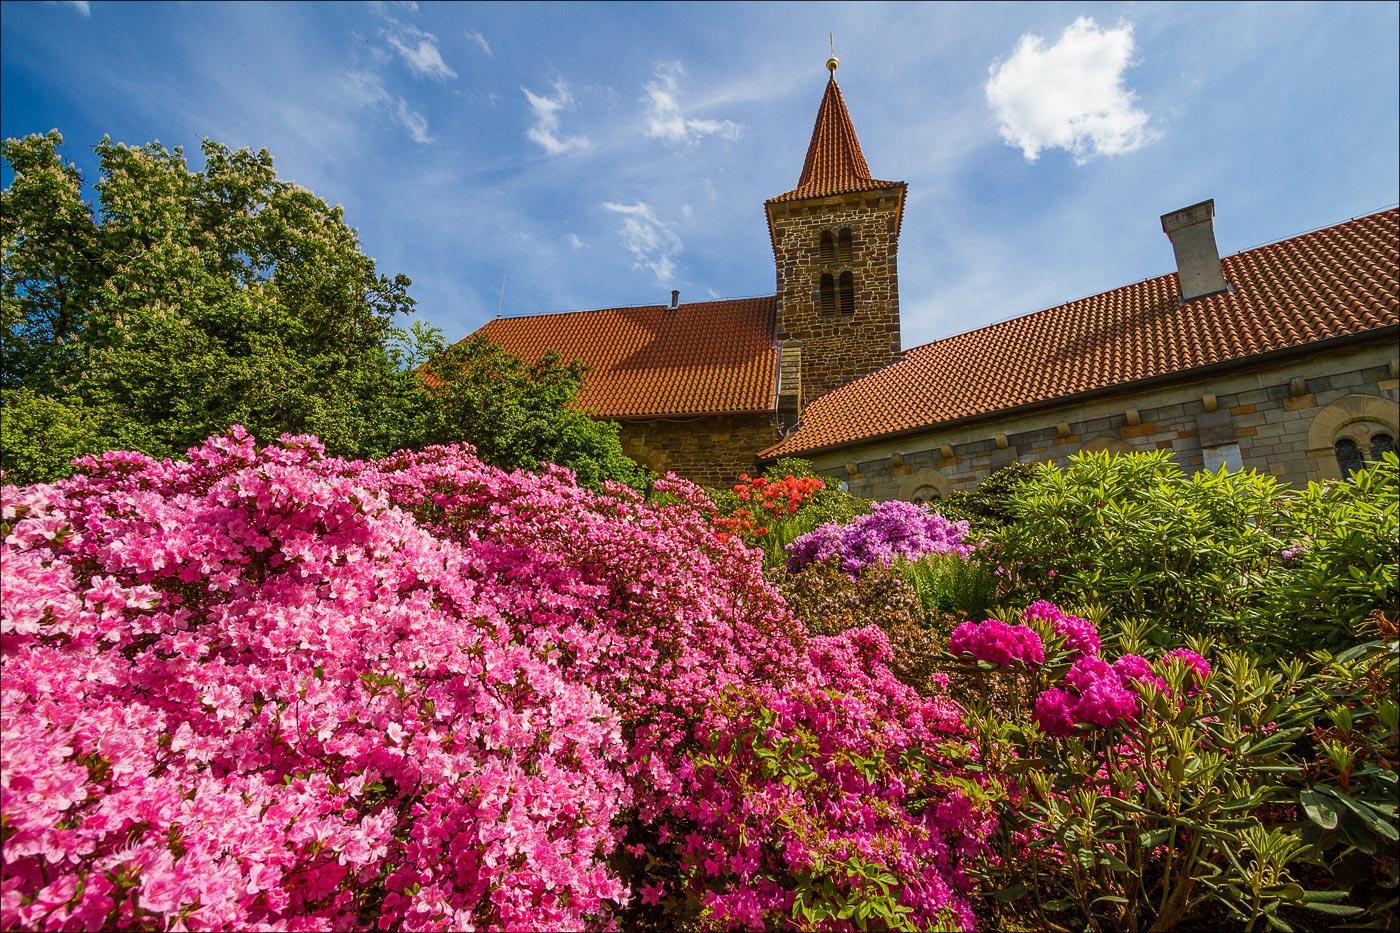 Чехия. Пругоницкий замок, цветение рододендронов